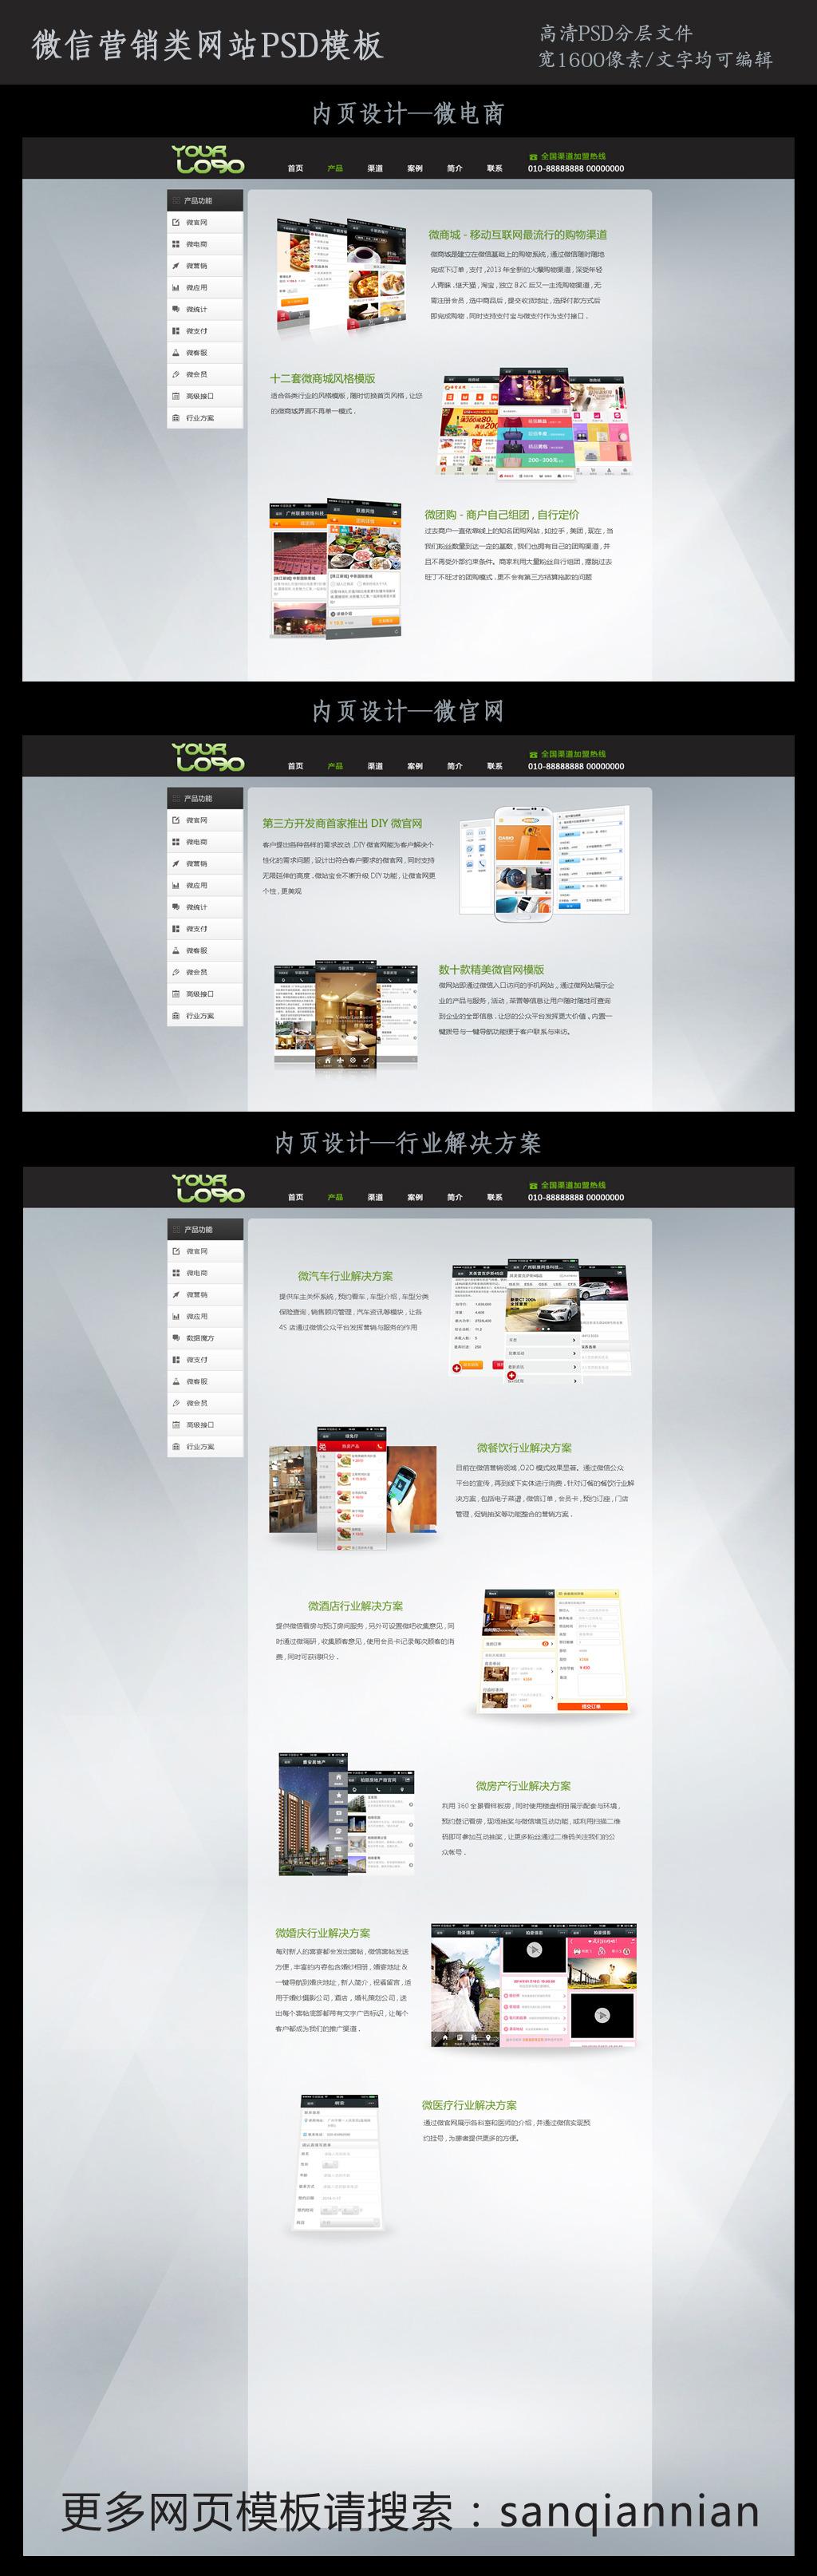 psd文件网站模板